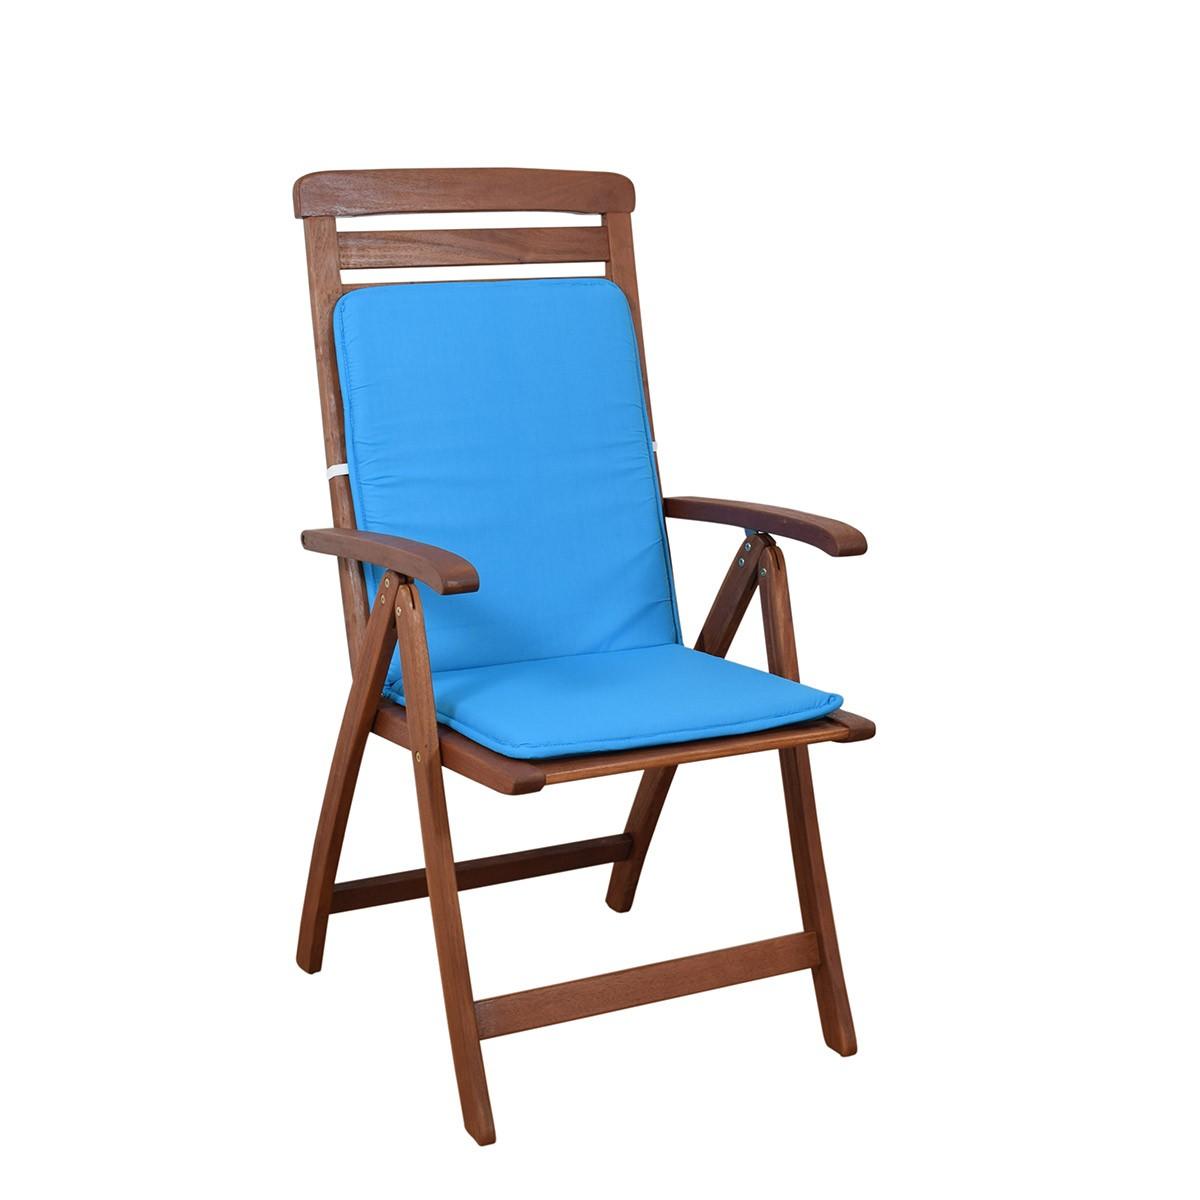 Μαξιλάρι Καρέκλας Πλάτη/Ρέλι Fratoni Solid Turquoise